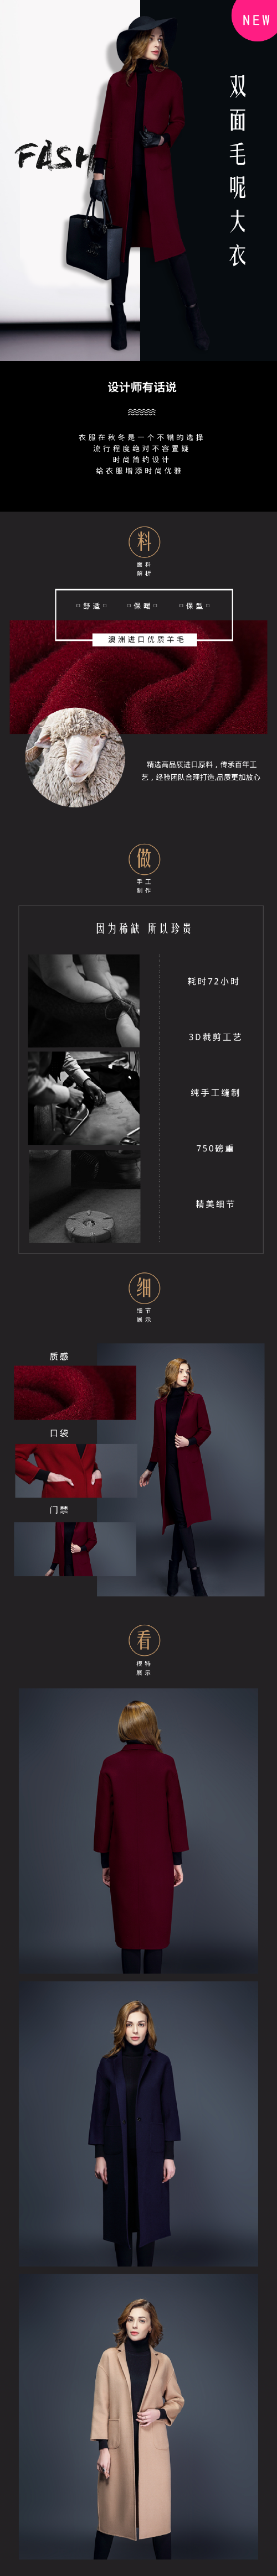 $電商淘寶服裝大衣產品展示詳情頁